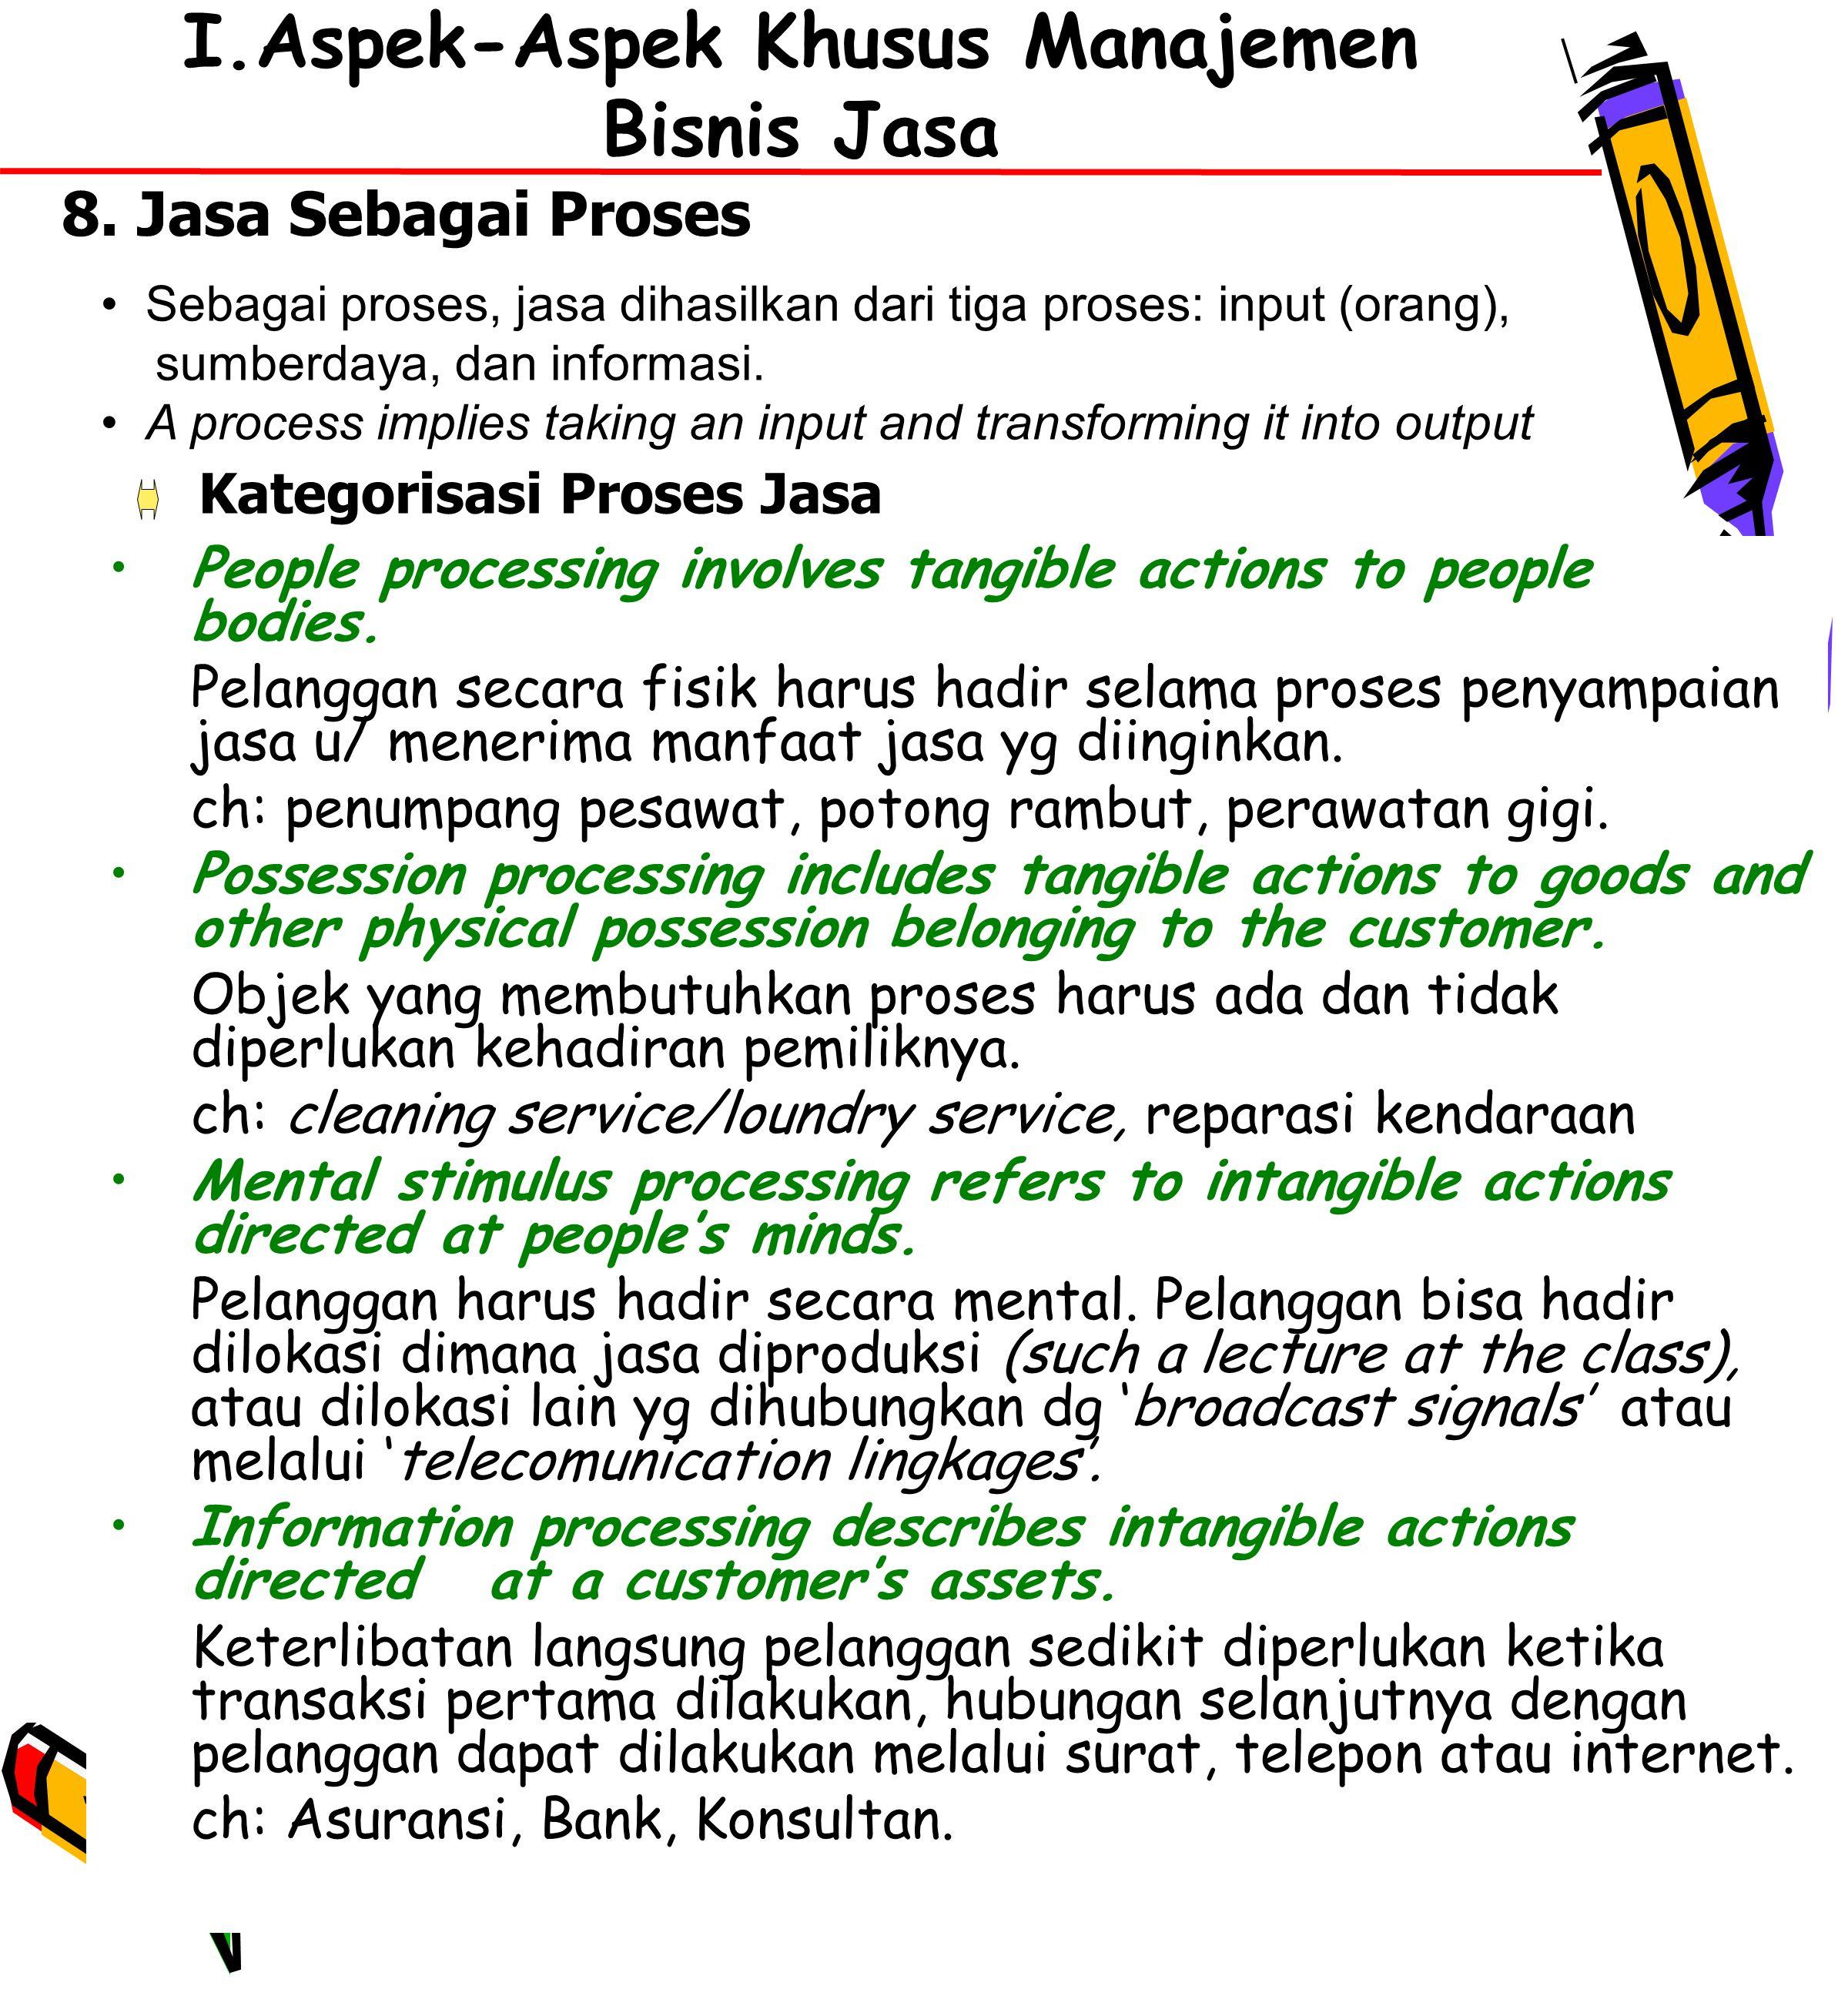 I.Aspek-Aspek Khusus Manajemen Bisnis Jasa